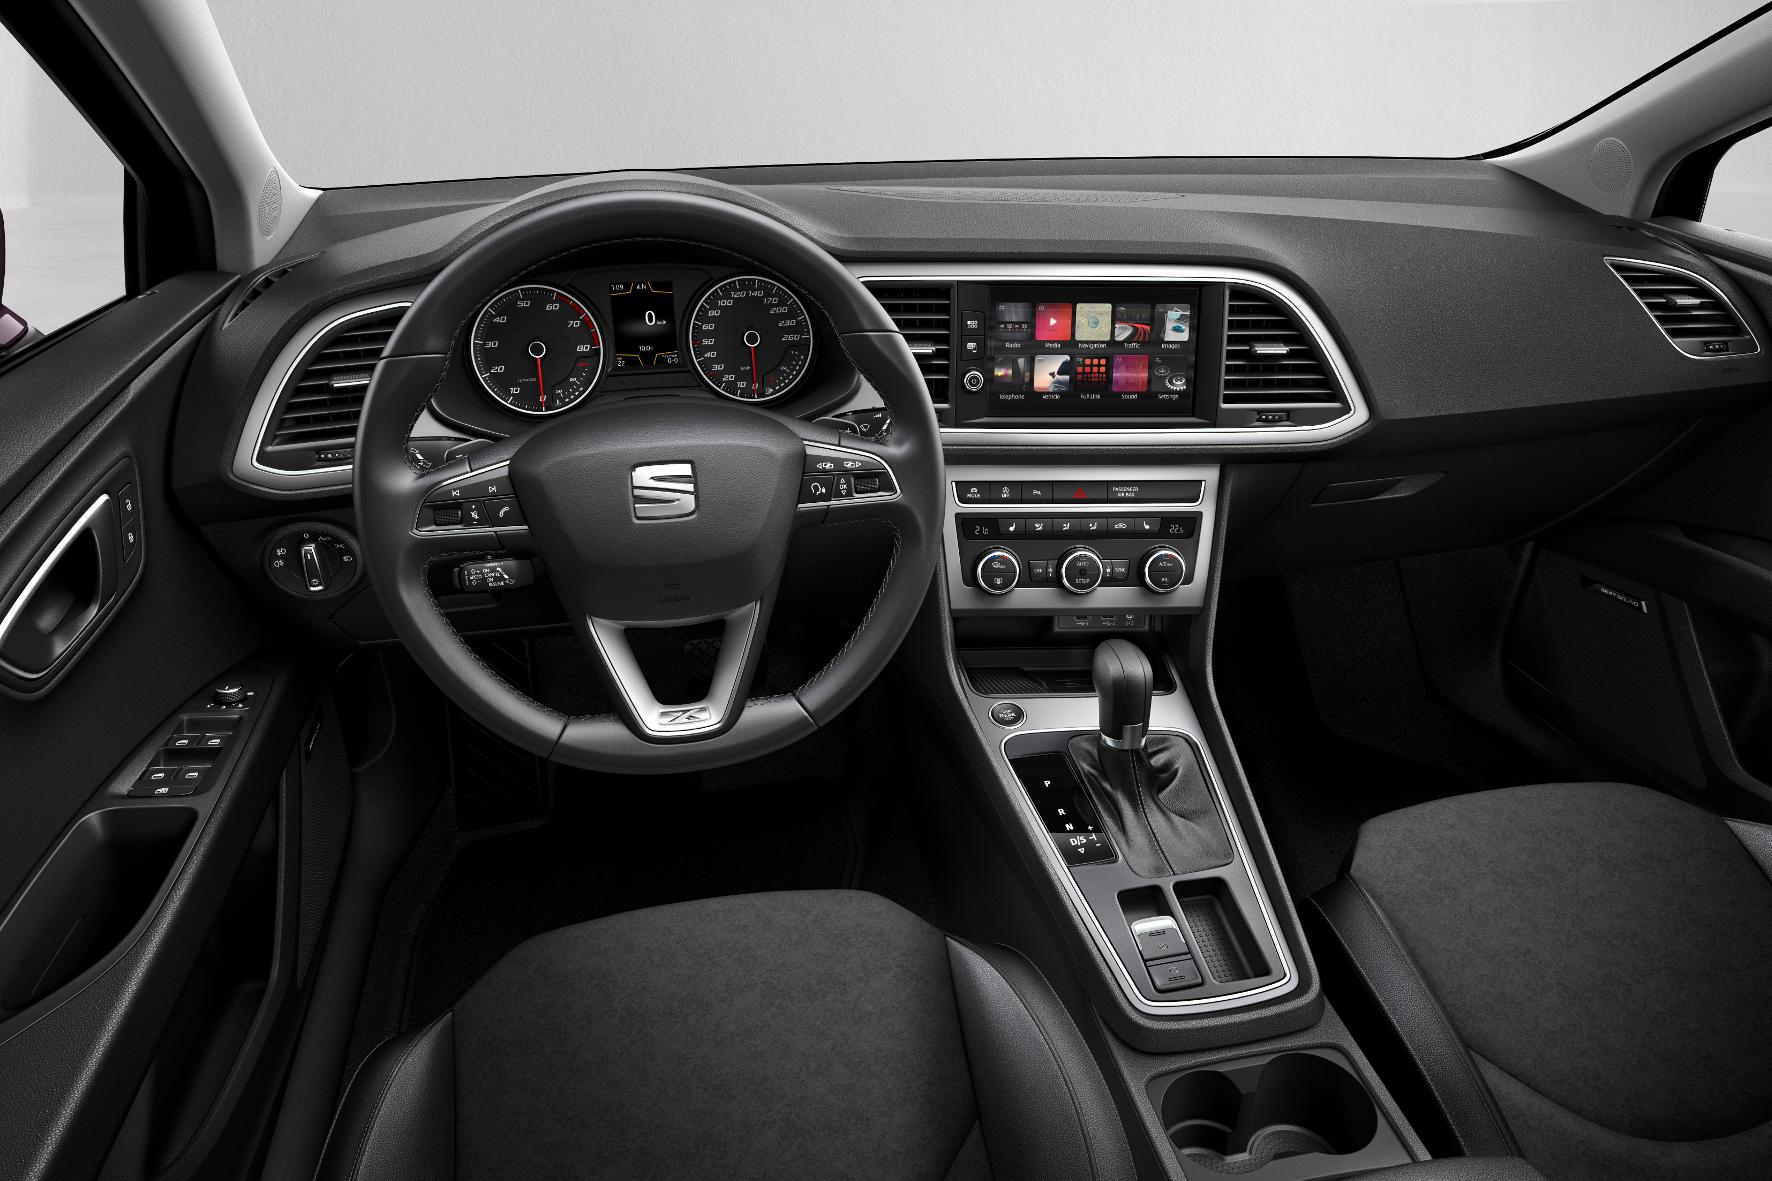 Hübsch anzusehen, übersichtlich und gut verarbeitet: das Cockpit des Seat Leon.